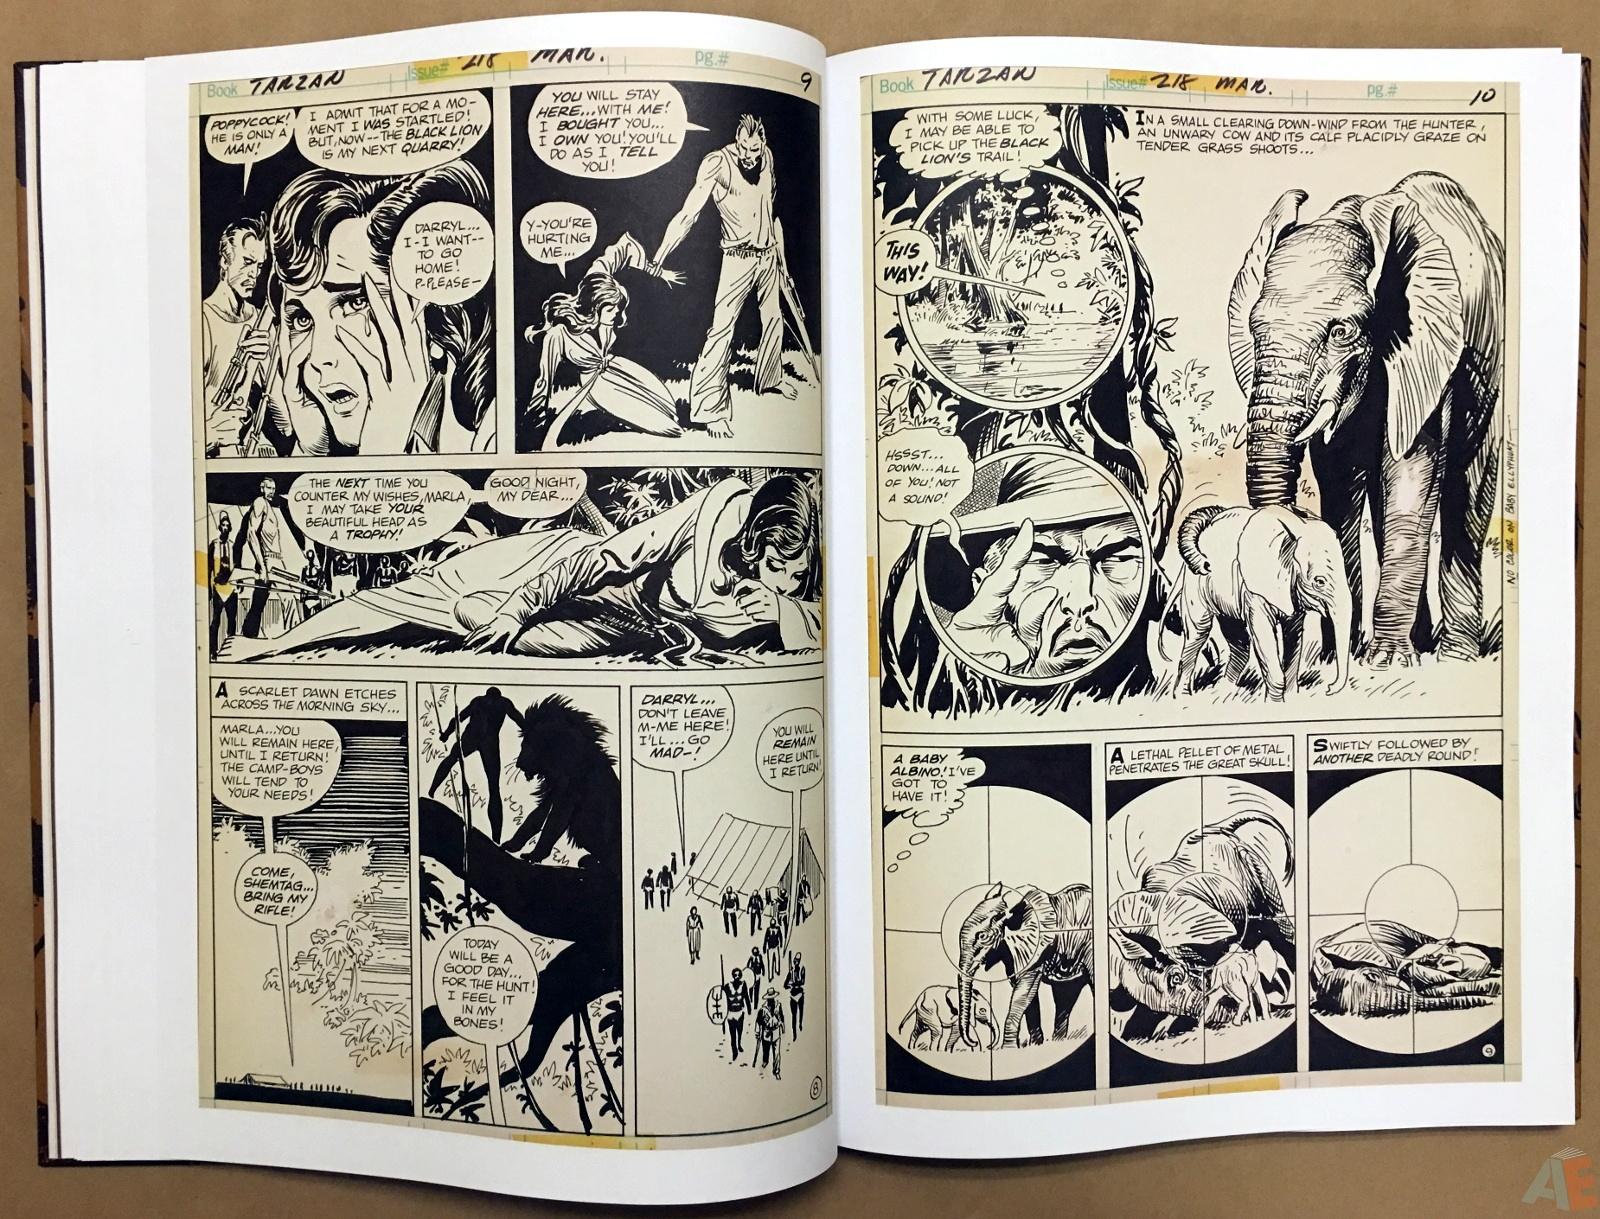 Joe Kubert's The Return Of Tarzan Artist's Edition 22